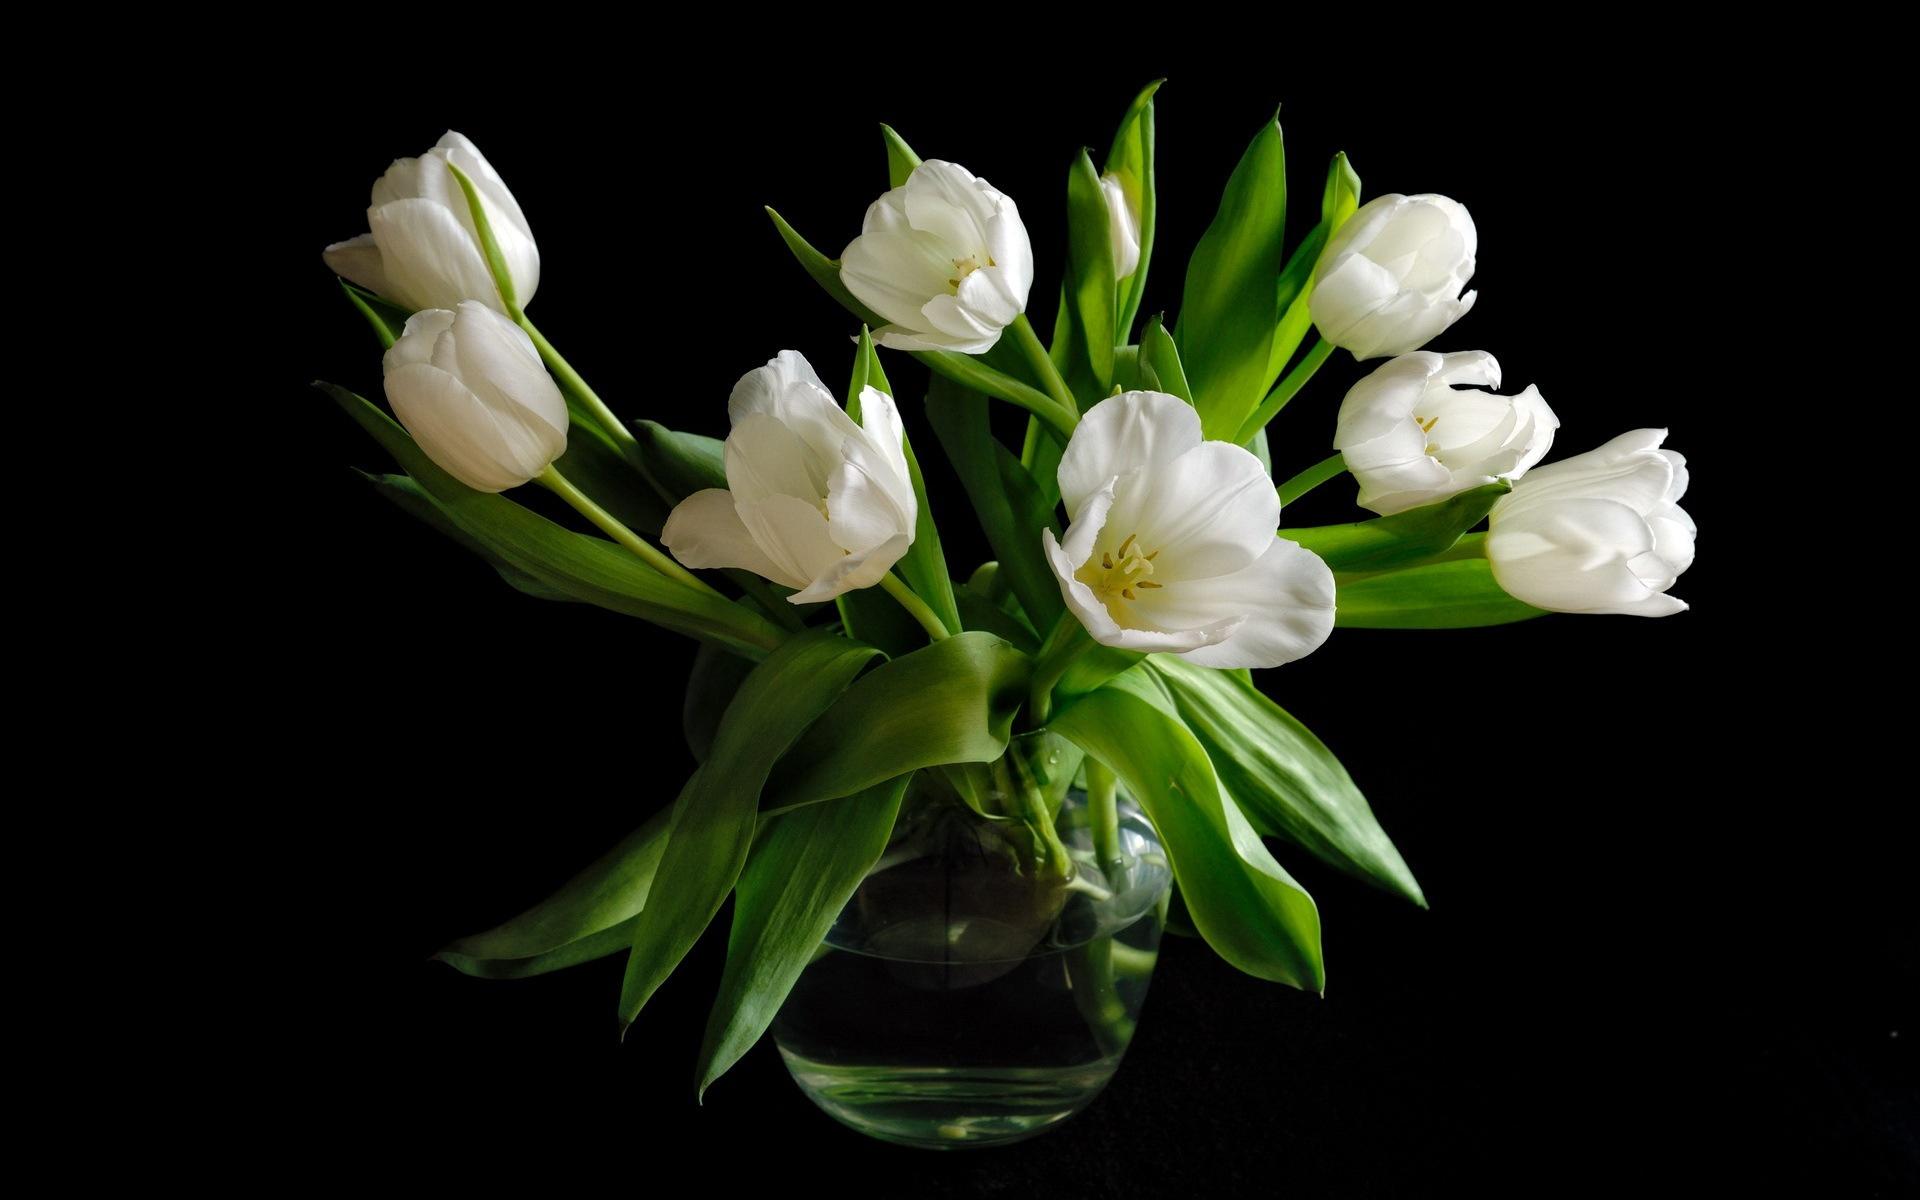 Fondos De Pantalla Florero Flores Blancas Tulipan Fondo Negro